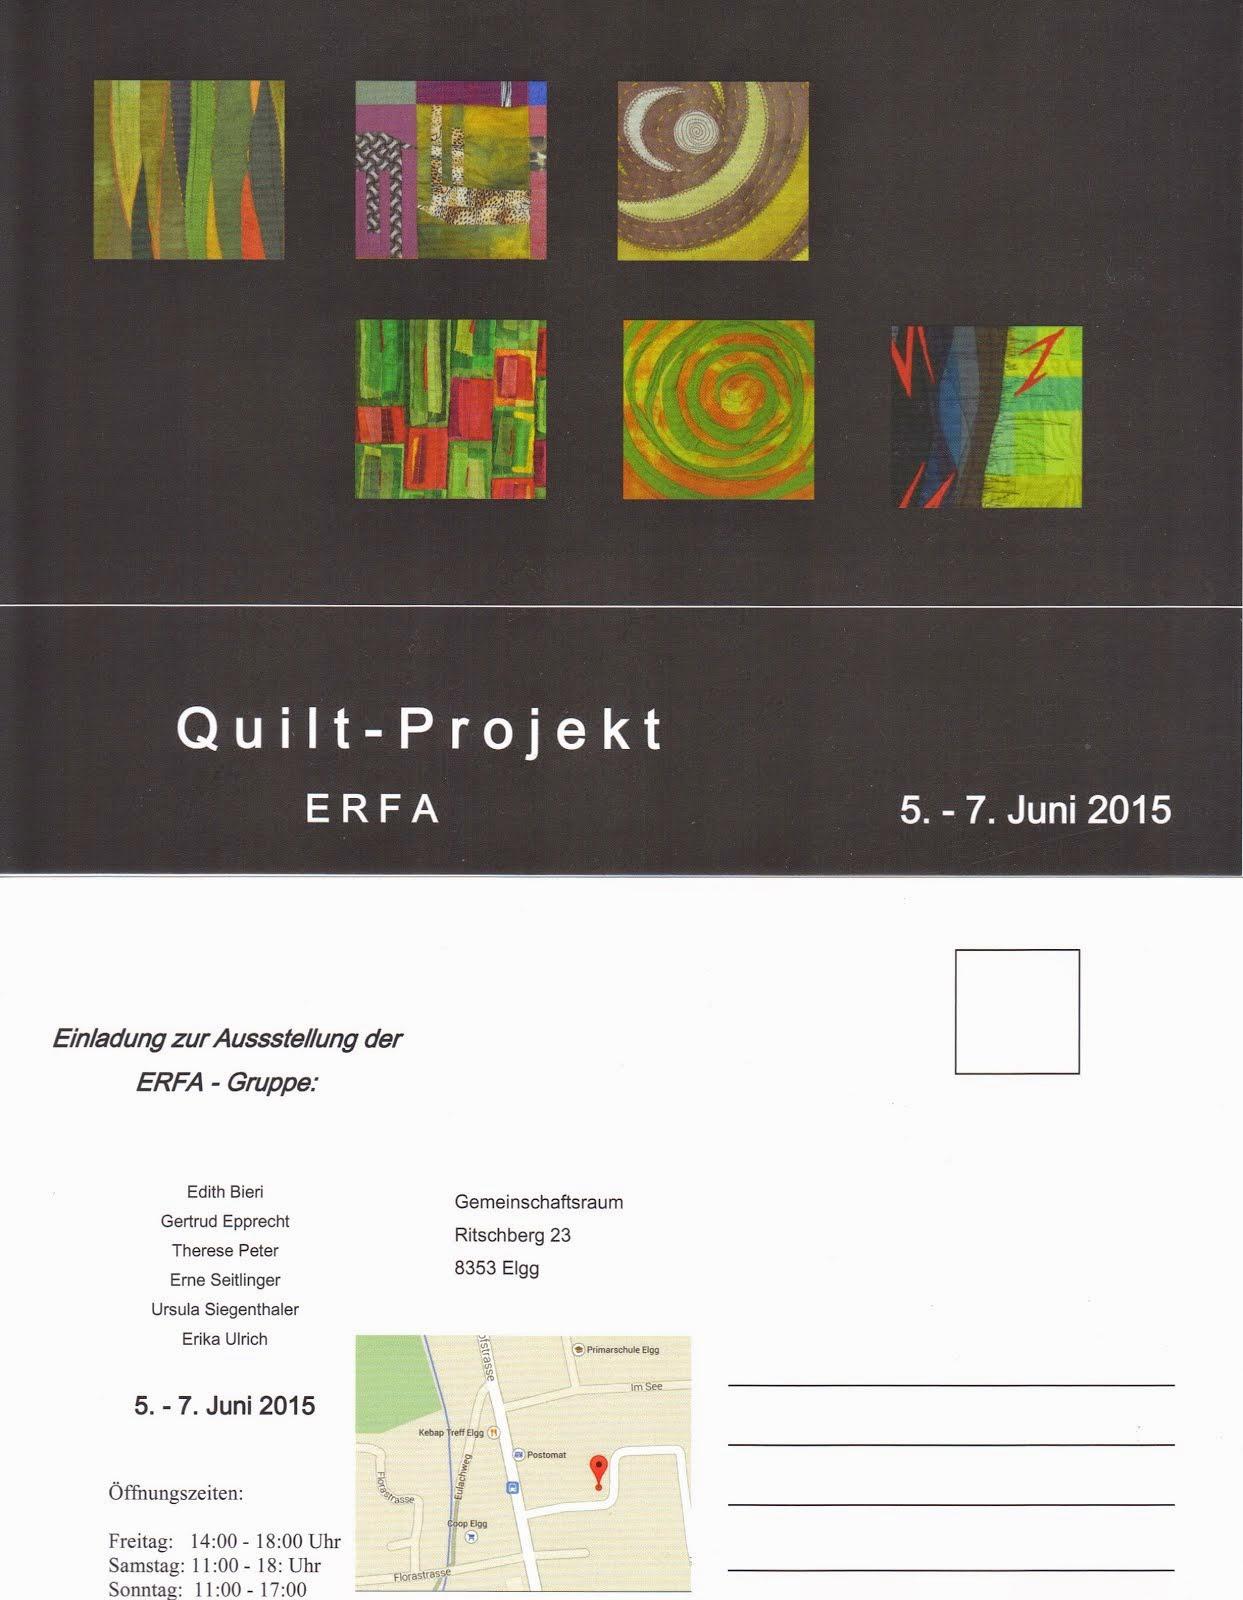 ERFA Ausstellung in Elgg